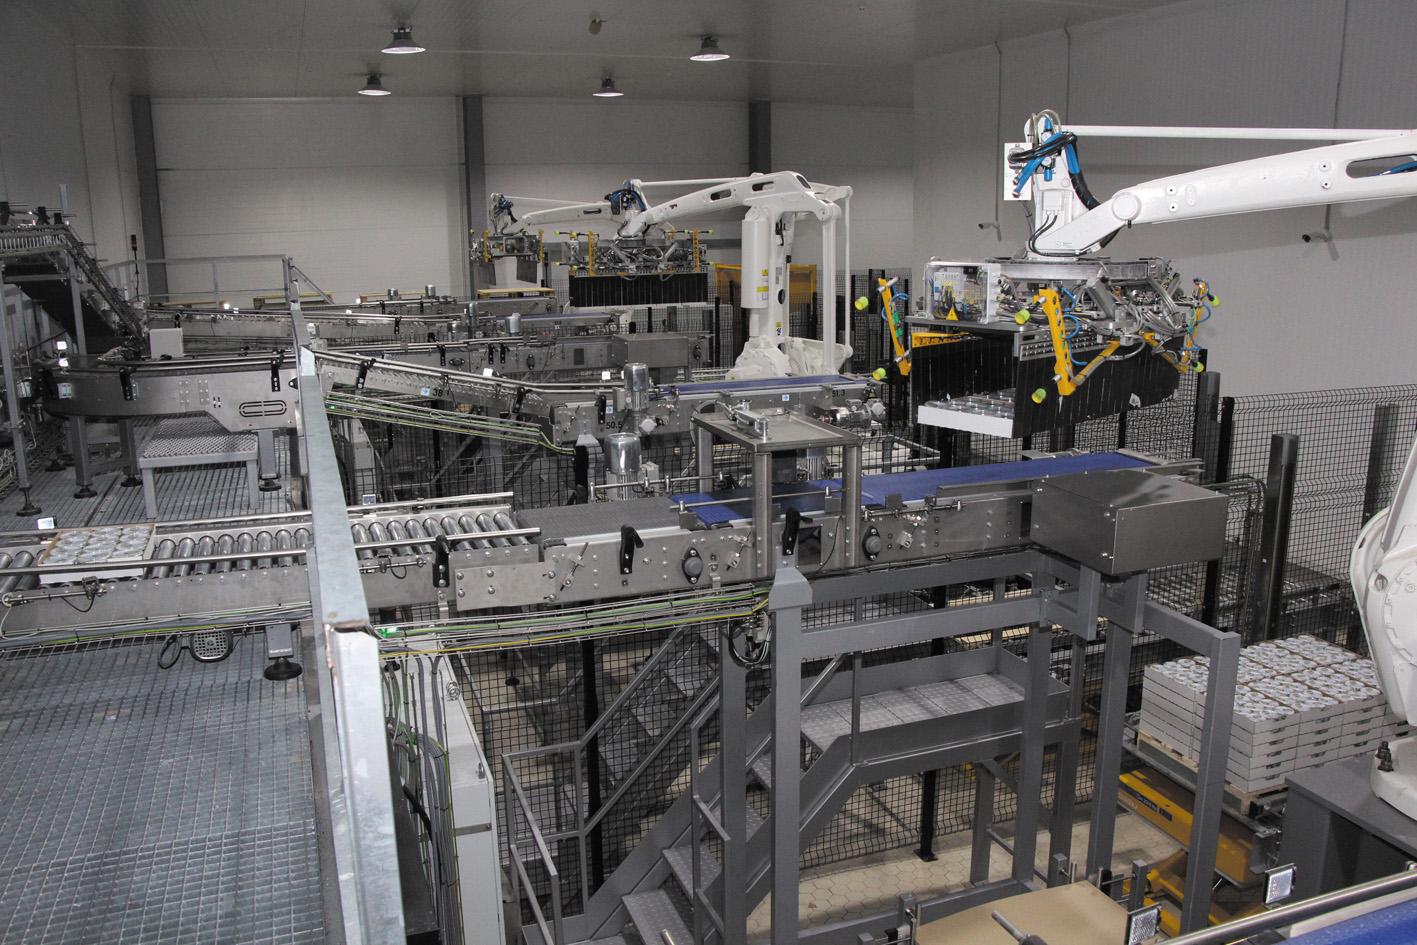 Роботы фирмы Mariani комплектуют палеты готовых продуктов